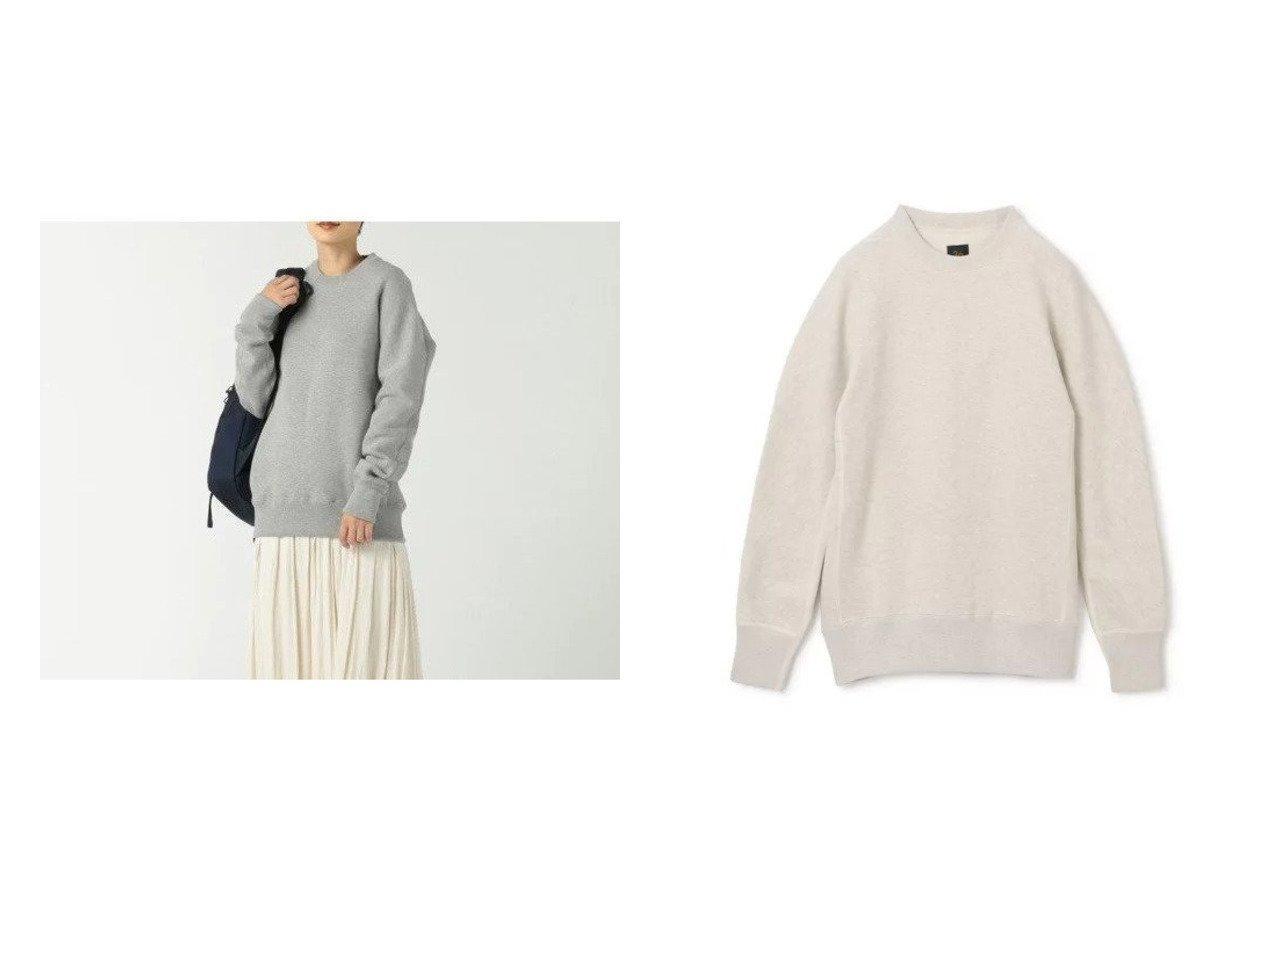 【SCYE BASICS/サイ ベーシックス】のFleece Back Jersey Sweat Shirt 【トップス・カットソー】おすすめ!人気、トレンド・レディースファッションの通販 おすすめで人気の流行・トレンド、ファッションの通販商品 インテリア・家具・メンズファッション・キッズファッション・レディースファッション・服の通販 founy(ファニー) https://founy.com/ ファッション Fashion レディースファッション WOMEN トップス・カットソー Tops/Tshirt シャツ/ブラウス Shirts/Blouses パーカ Sweats ロング / Tシャツ T-Shirts スウェット Sweat カッティング スウェット フィット メランジ ヴィンテージ 手編み 長袖 |ID:crp329100000070919